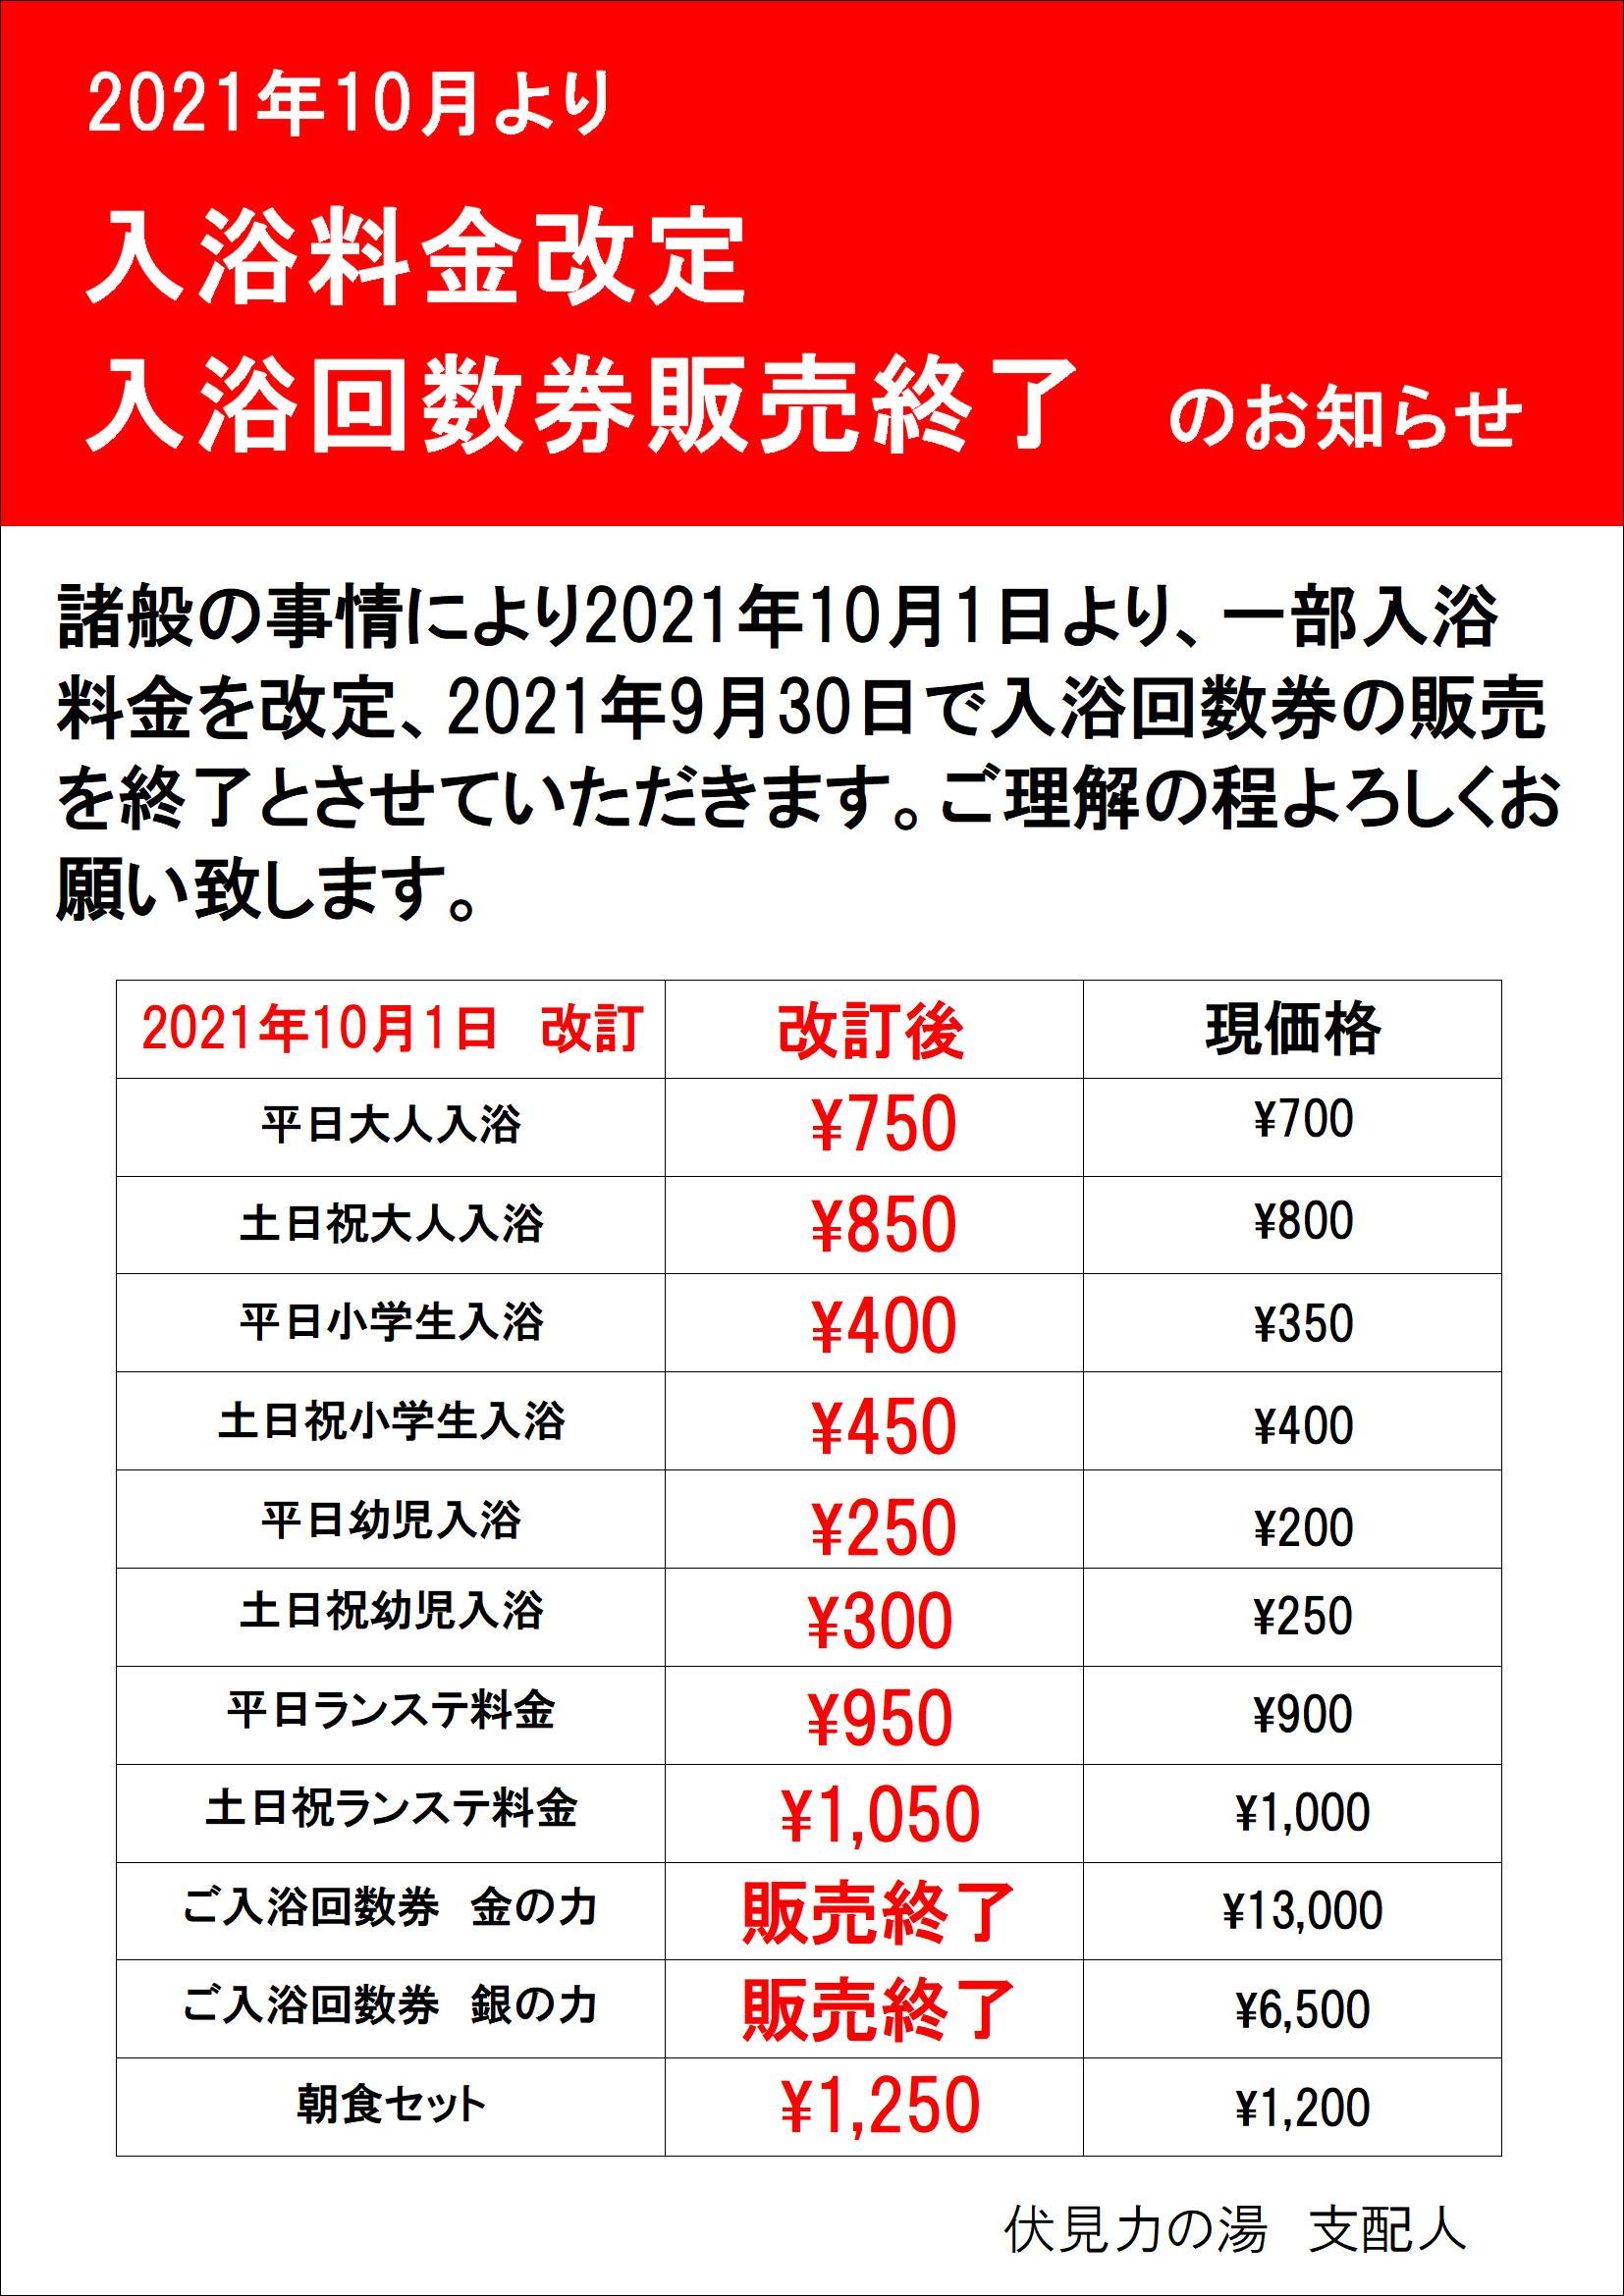 入浴料金改定・入浴回数券販売終了のお知らせ